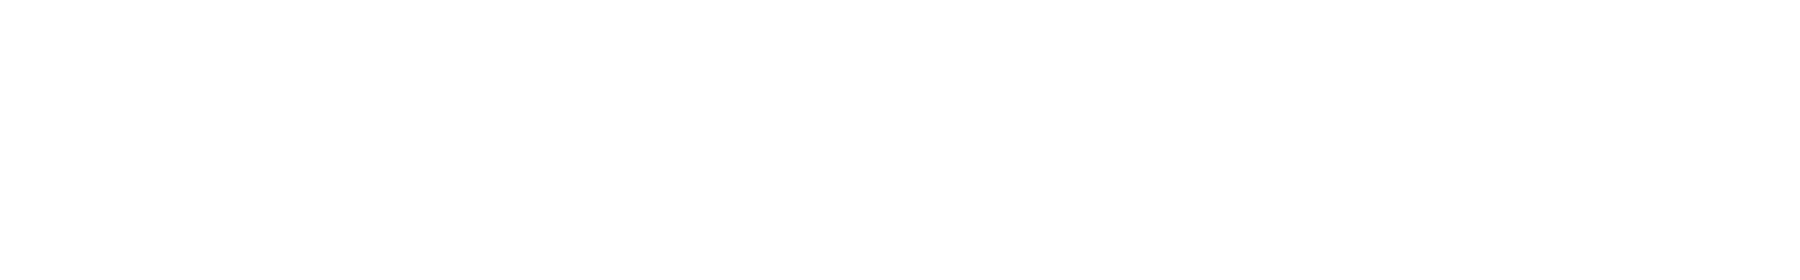 ehu basslp 128 038 bb